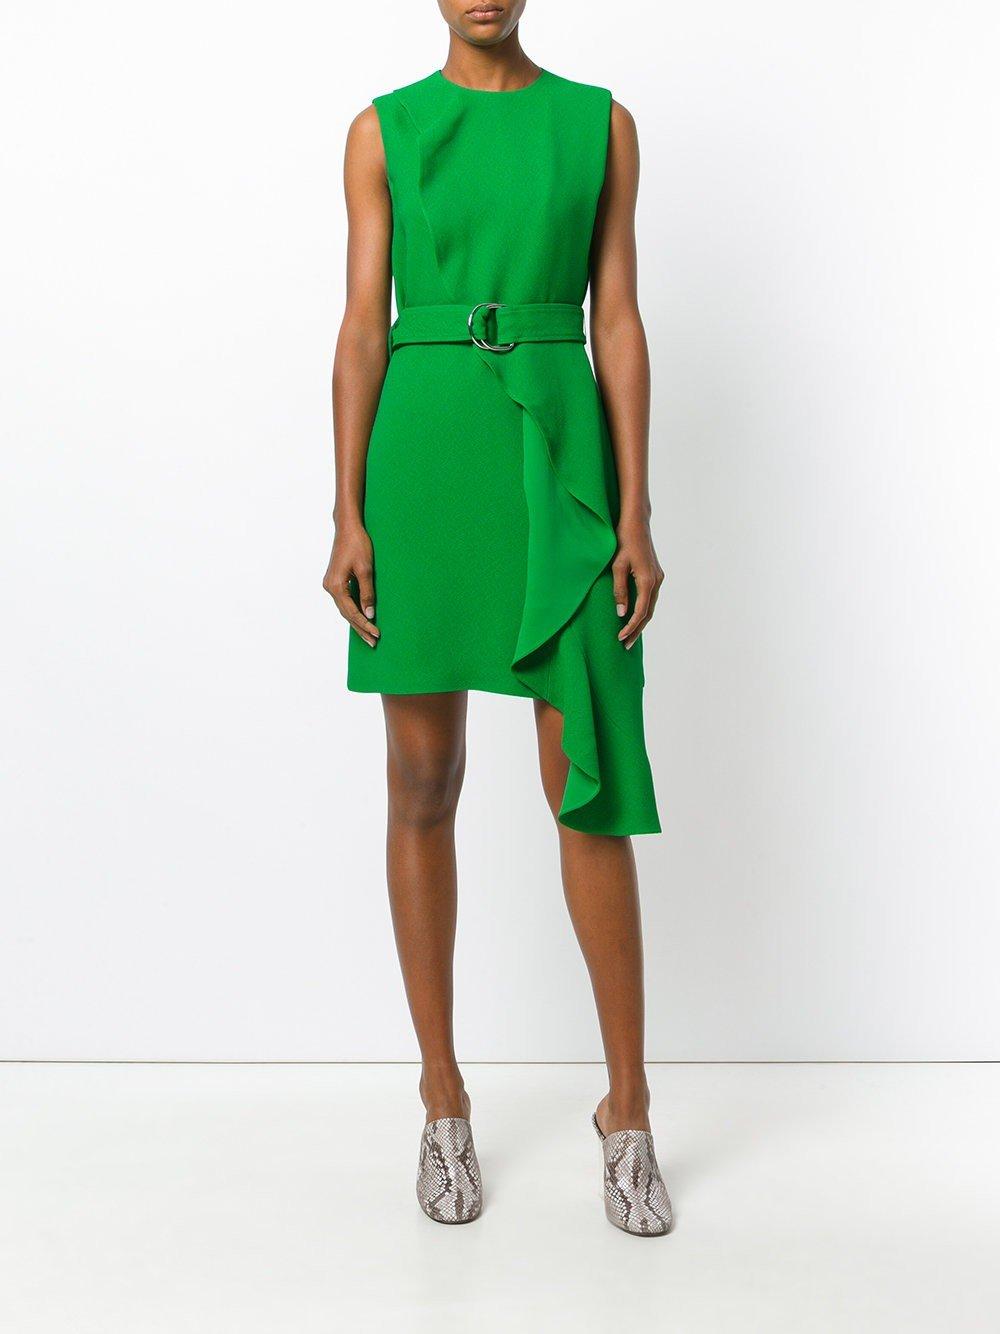 1253b5546f8 офисное платье без рукавов зеленое